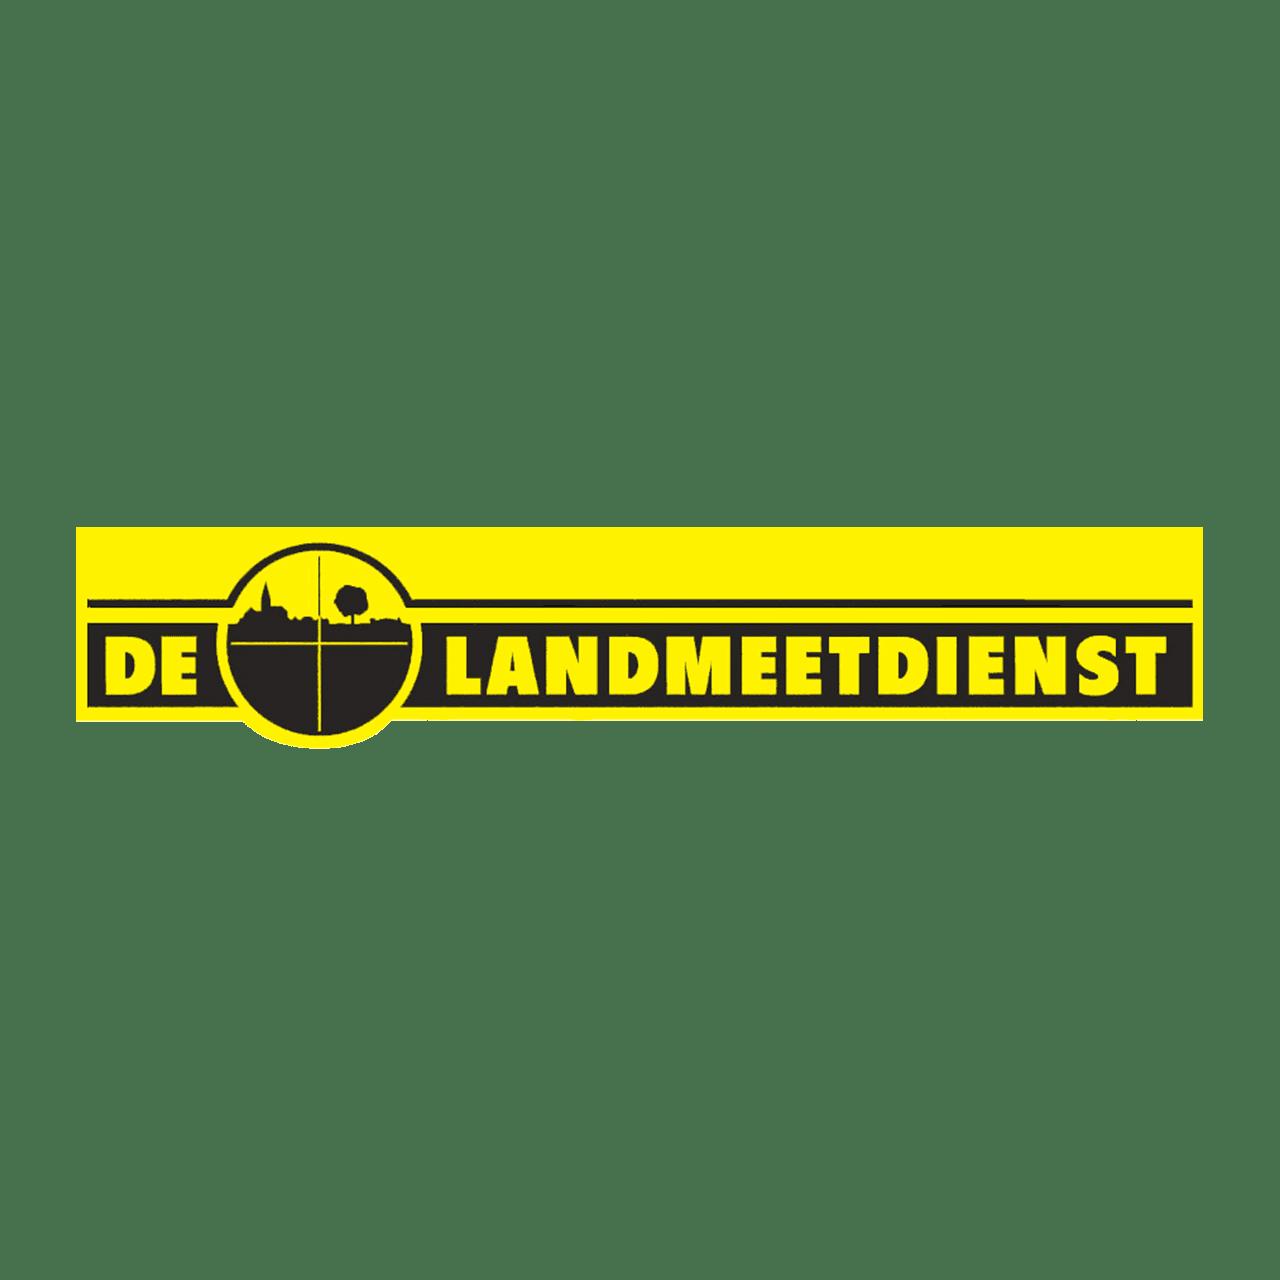 De Landmeetdienst